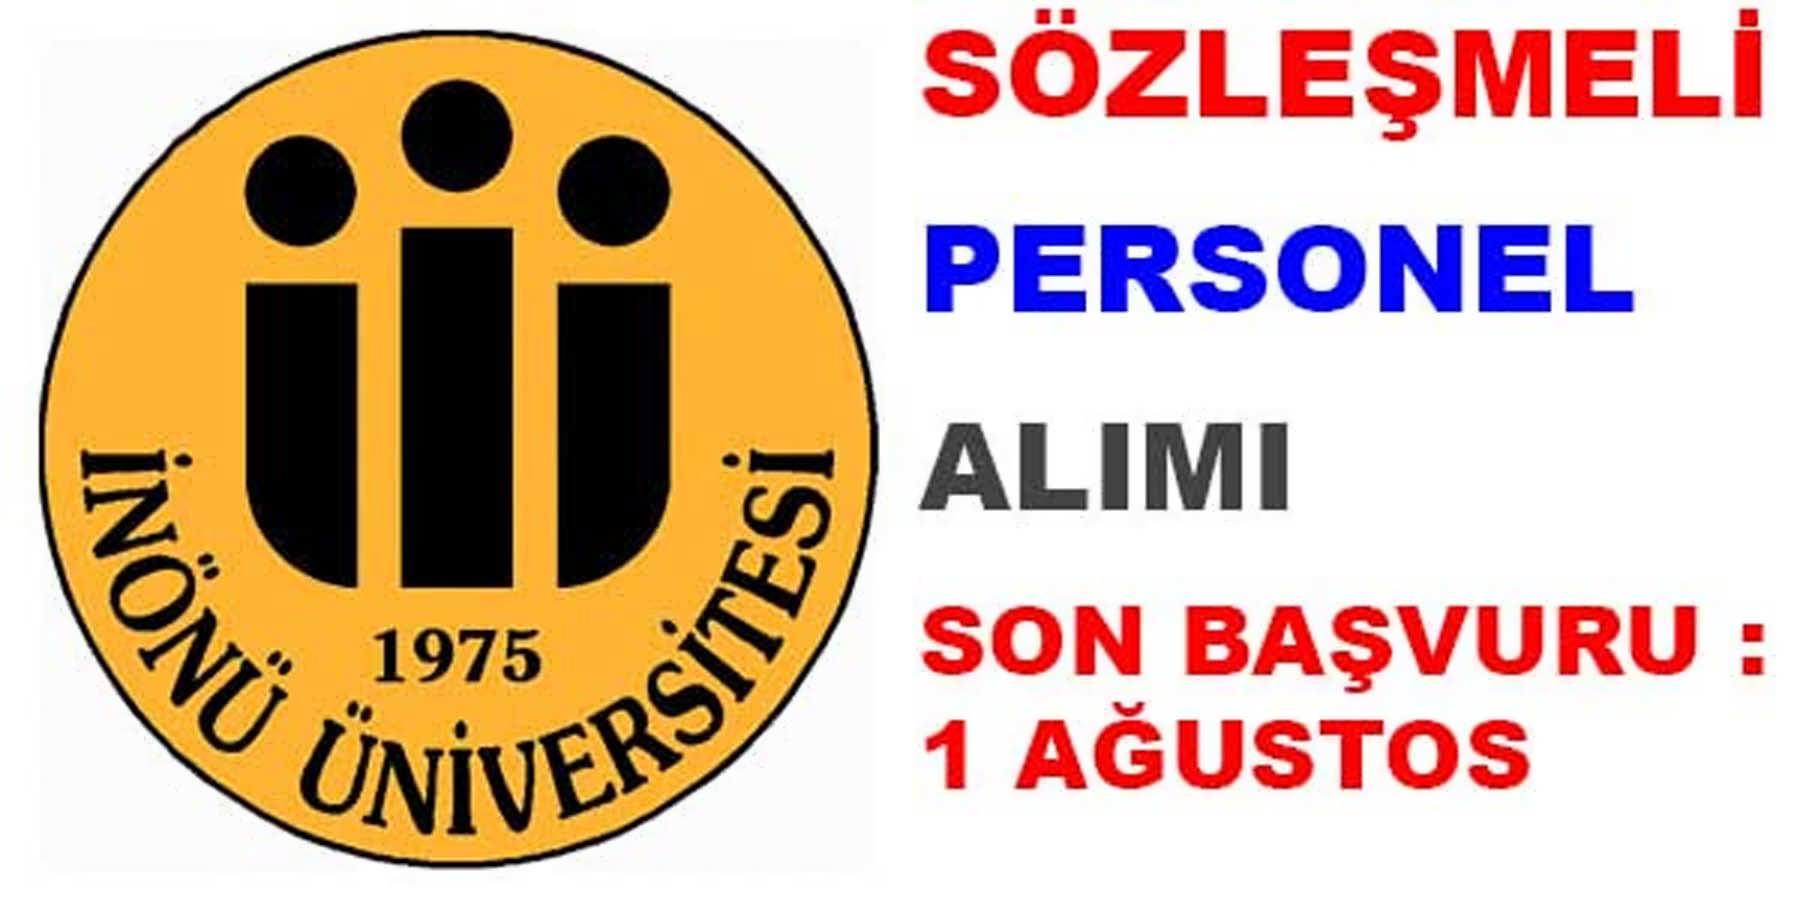 İnönü Üniversitesi Sözleşmeli Personel Alımı